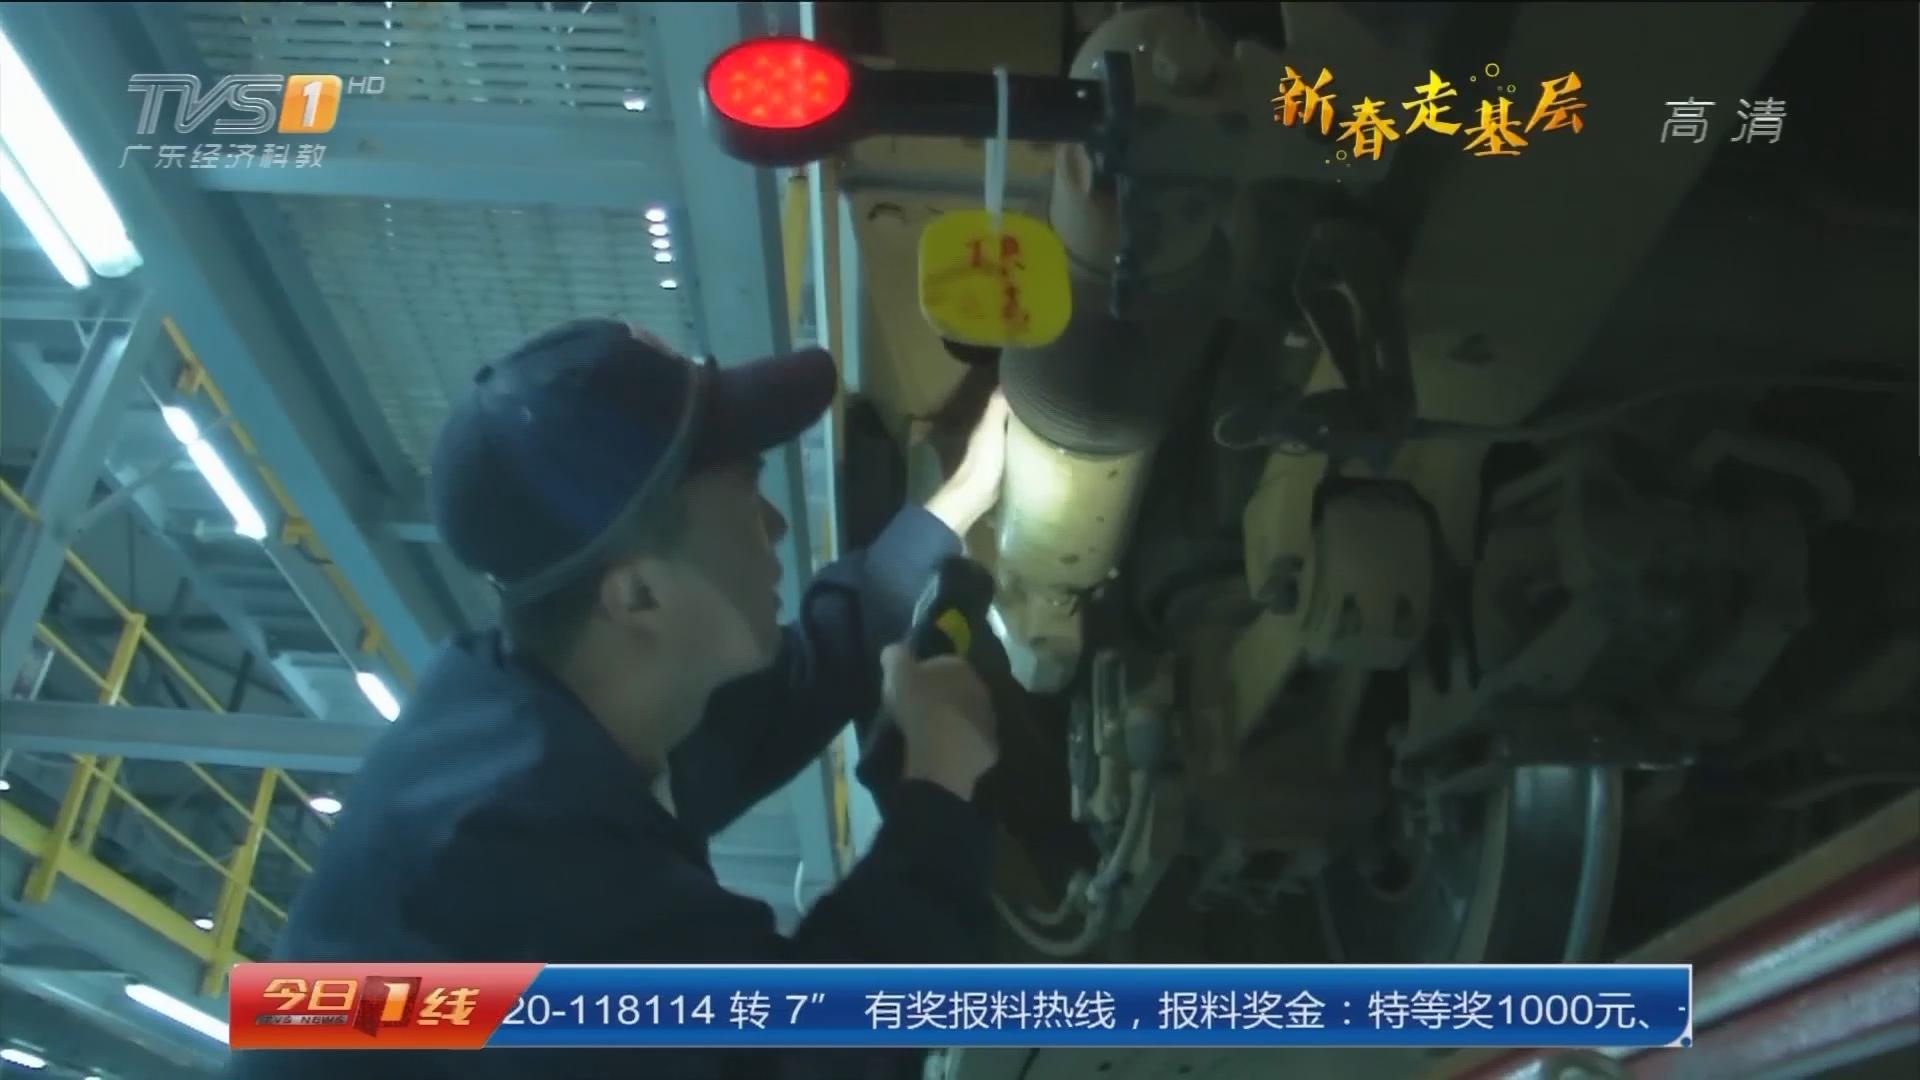 新春走基层:佛山 动车所机械师—安全春运的保障者